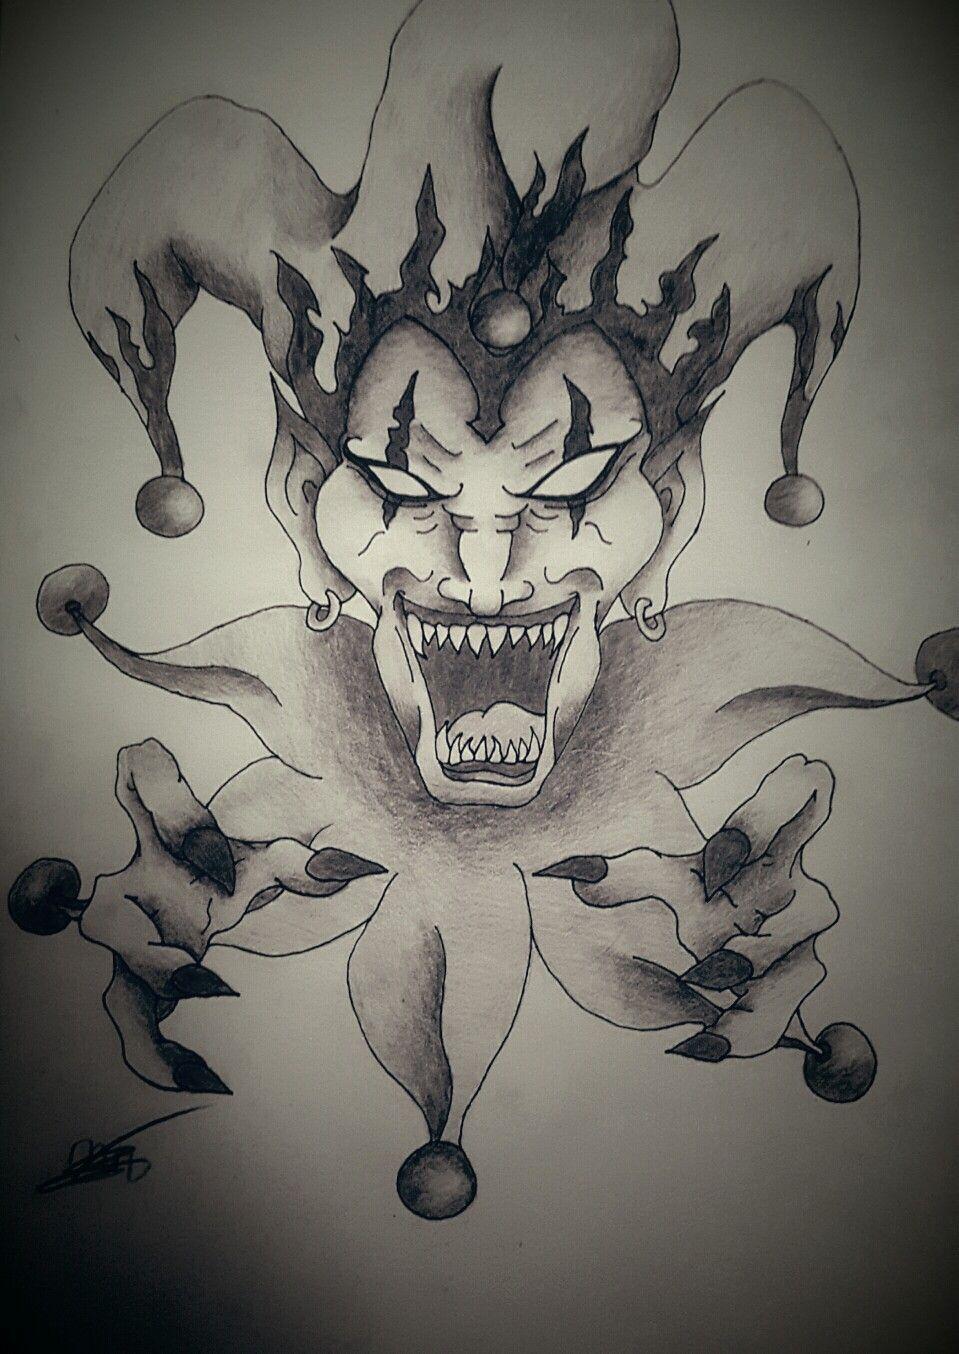 scary joker drawing 2 art joker drawings scary